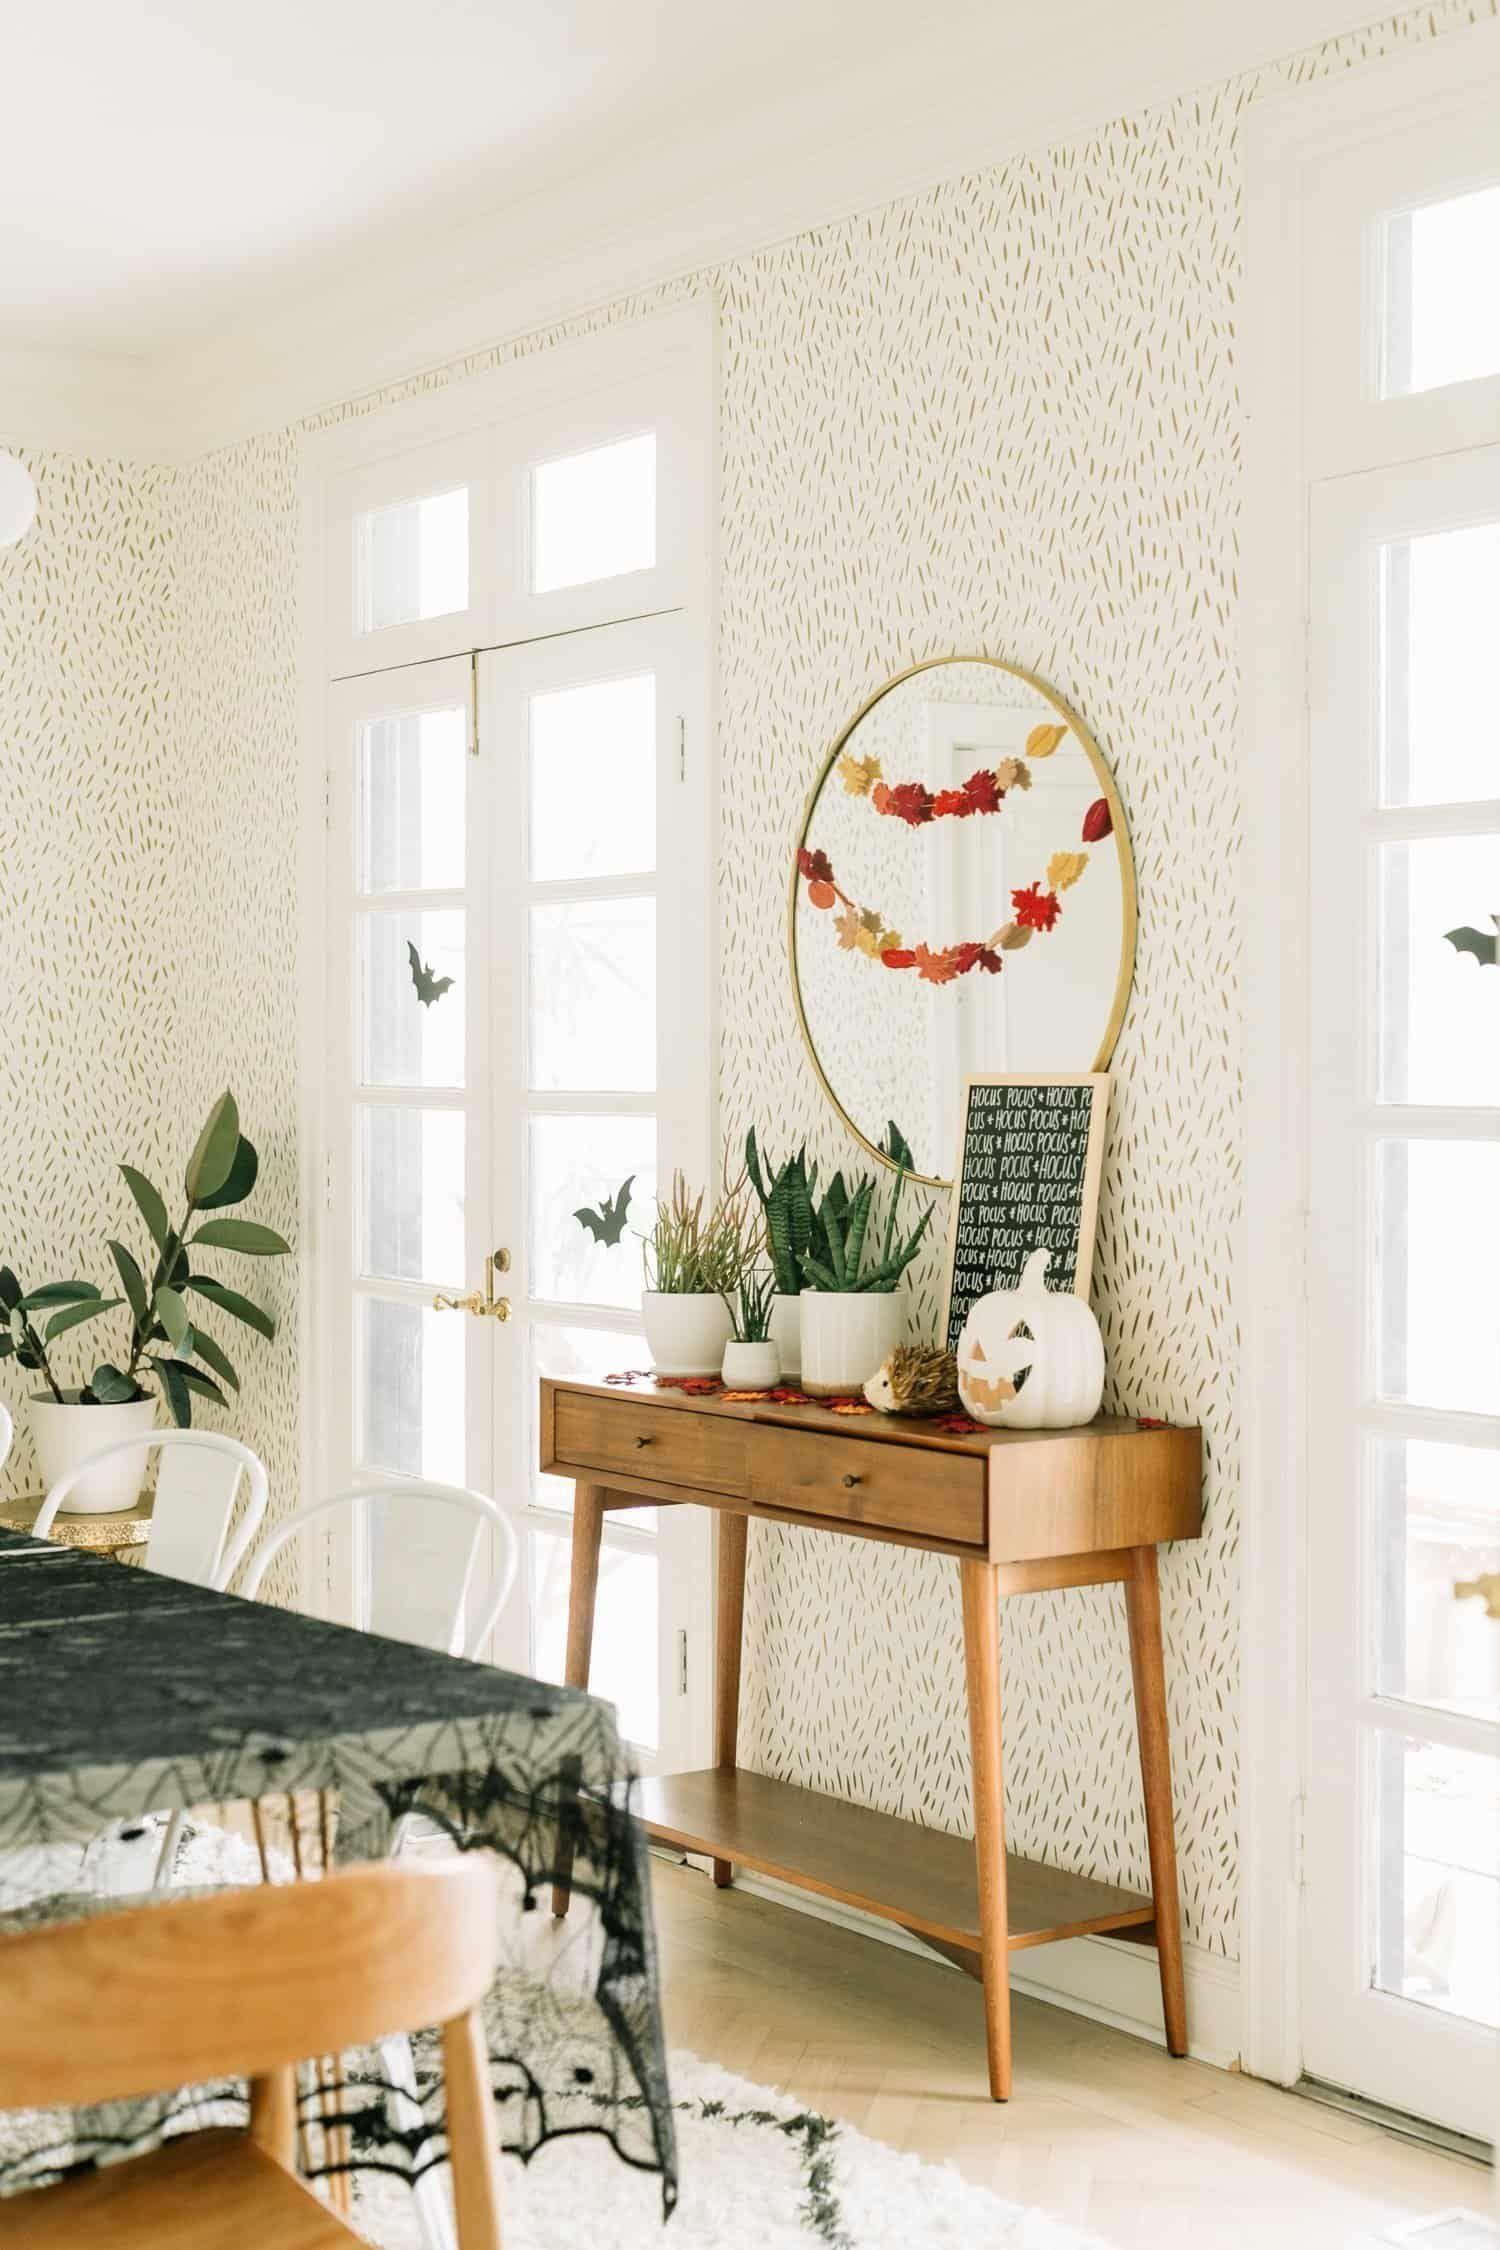 39 Creative Scandinavian Home Tour Design On A Budget Homeridian Com